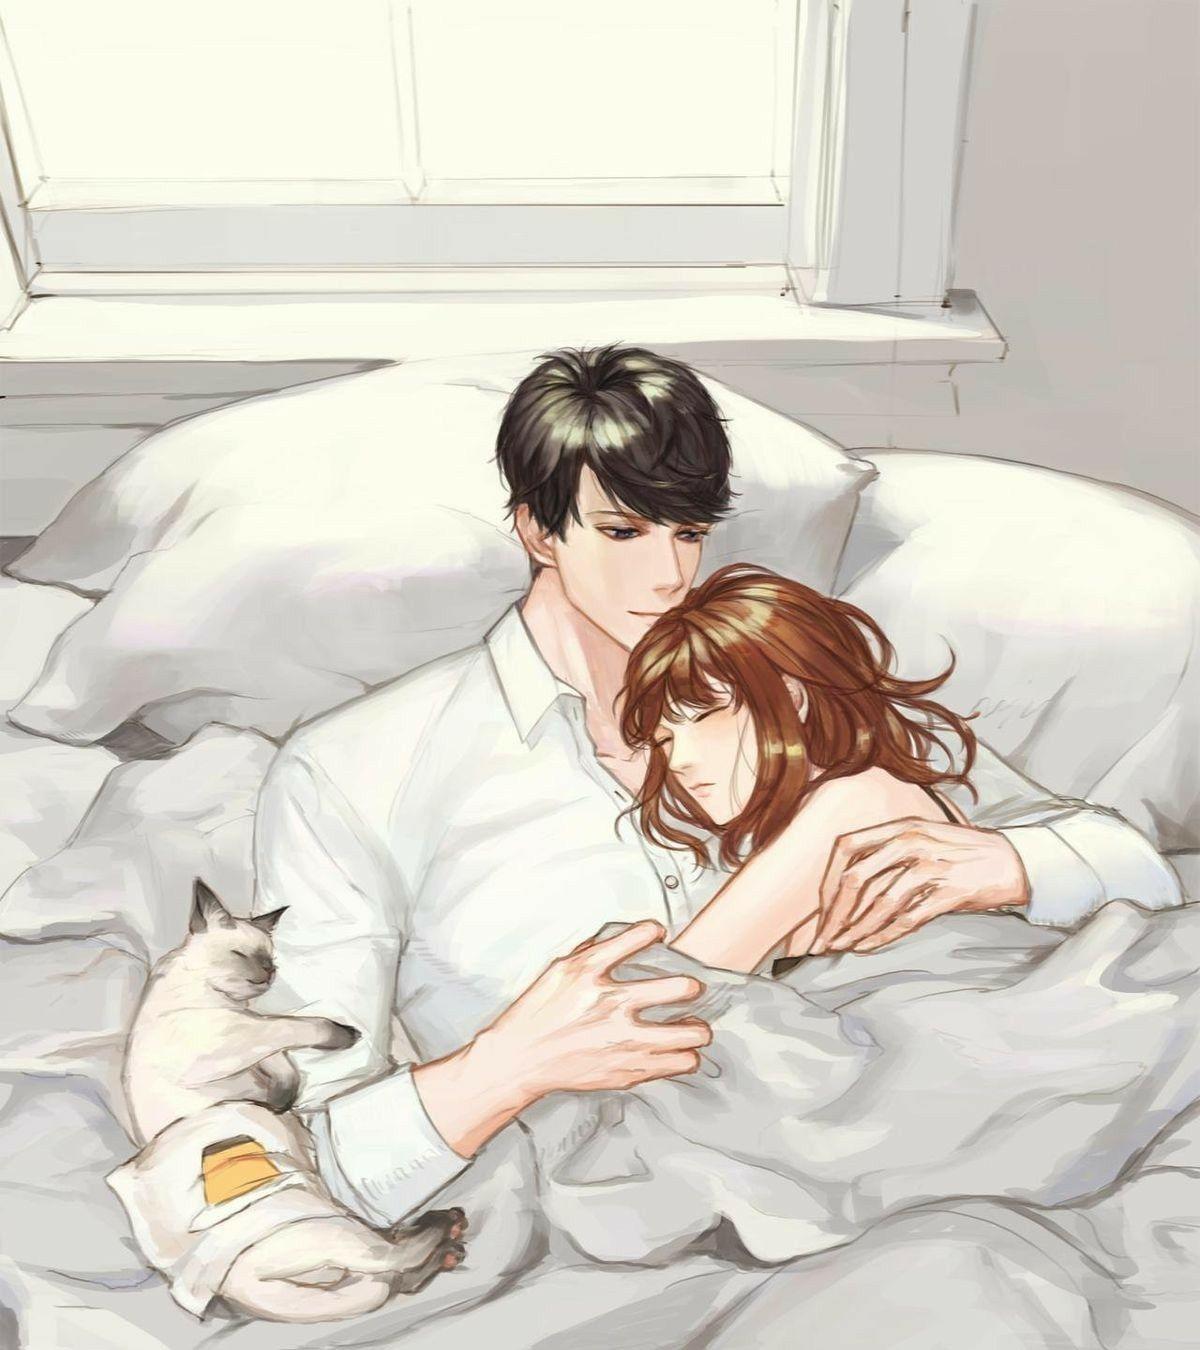 Pin Di Adorable Anime Couples Anime couple hug wallpaper